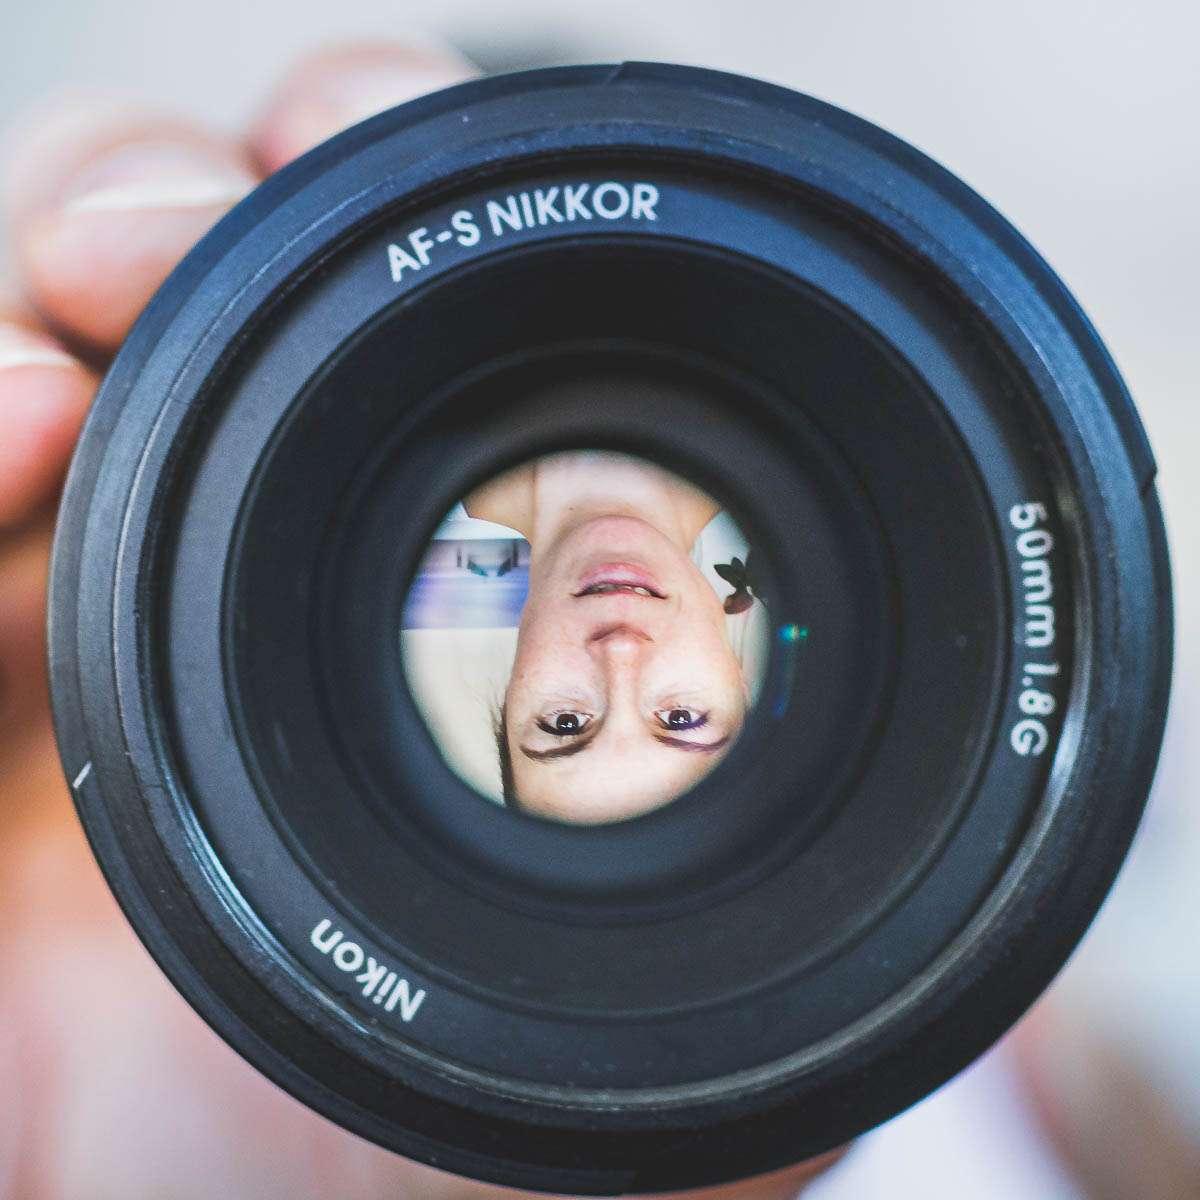 Fototipps-Anfänger-Eine große Blende erzeugt einen unscharfen Hintergrund